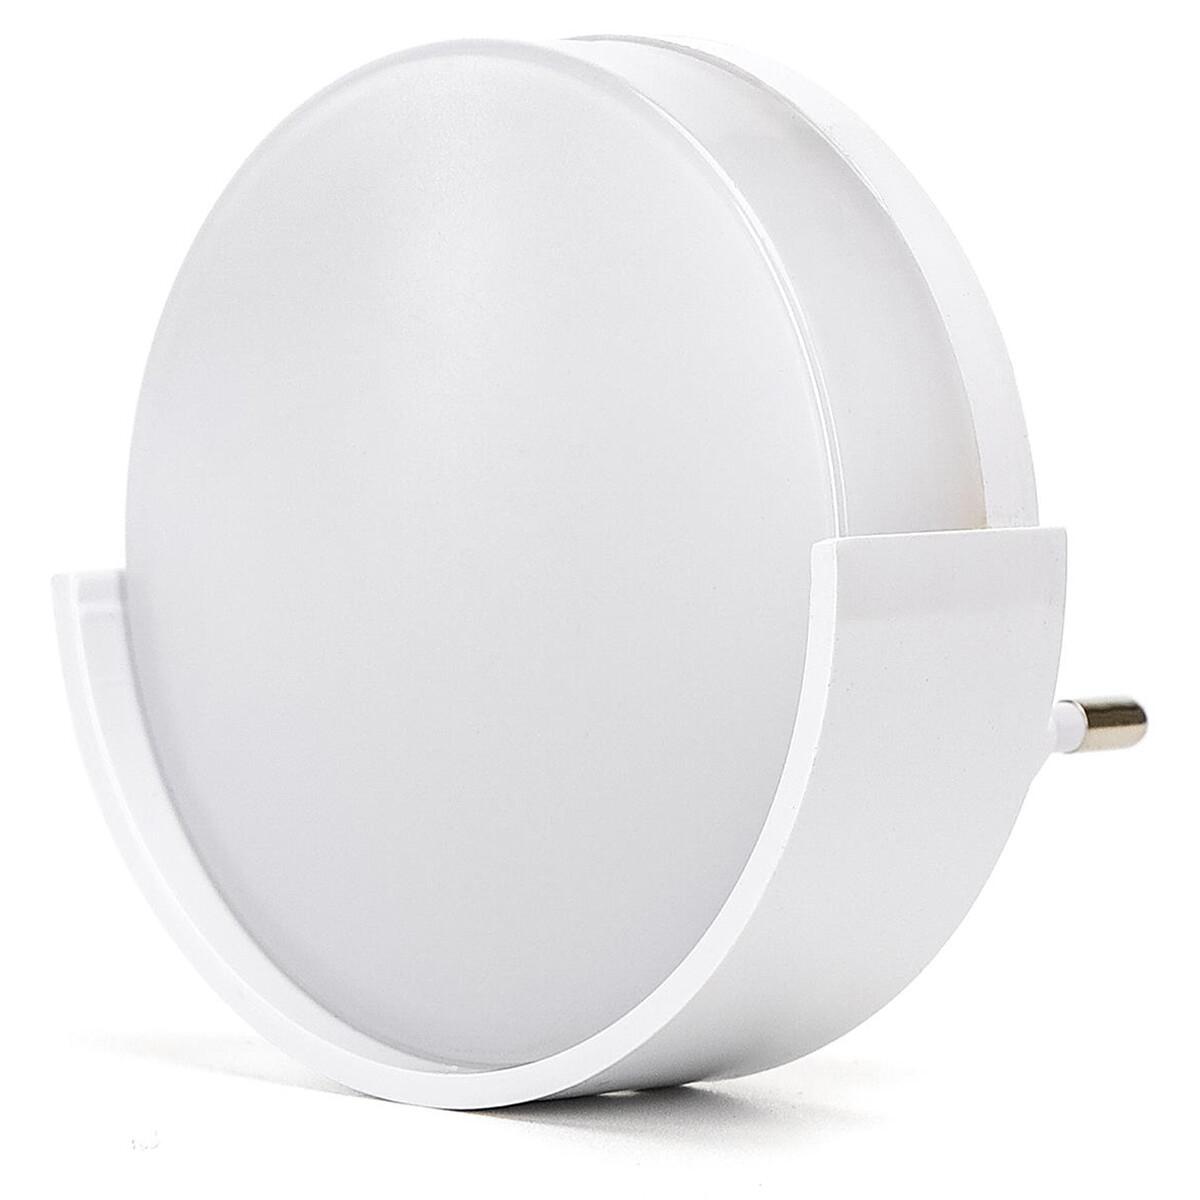 Stekkerlamp Lamp - Stekkerspot met Dag en Nacht Sensor - Aigi Sipas - 1W - Helder/Koud Wit 6500K - R